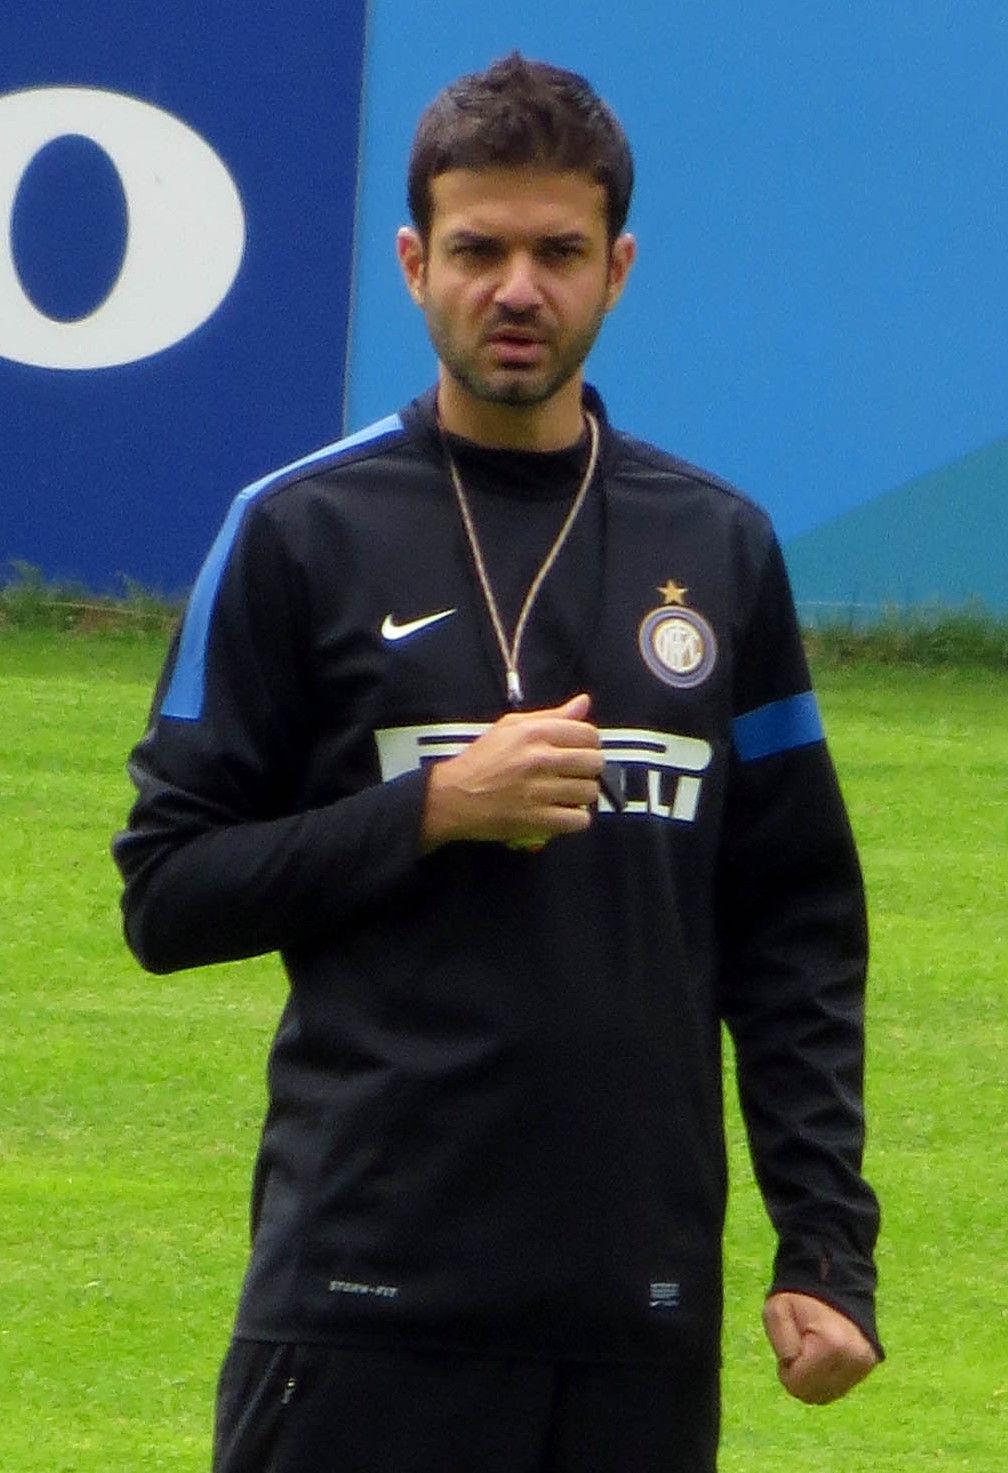 Photo of Andrea Stramaccioni: Footballer